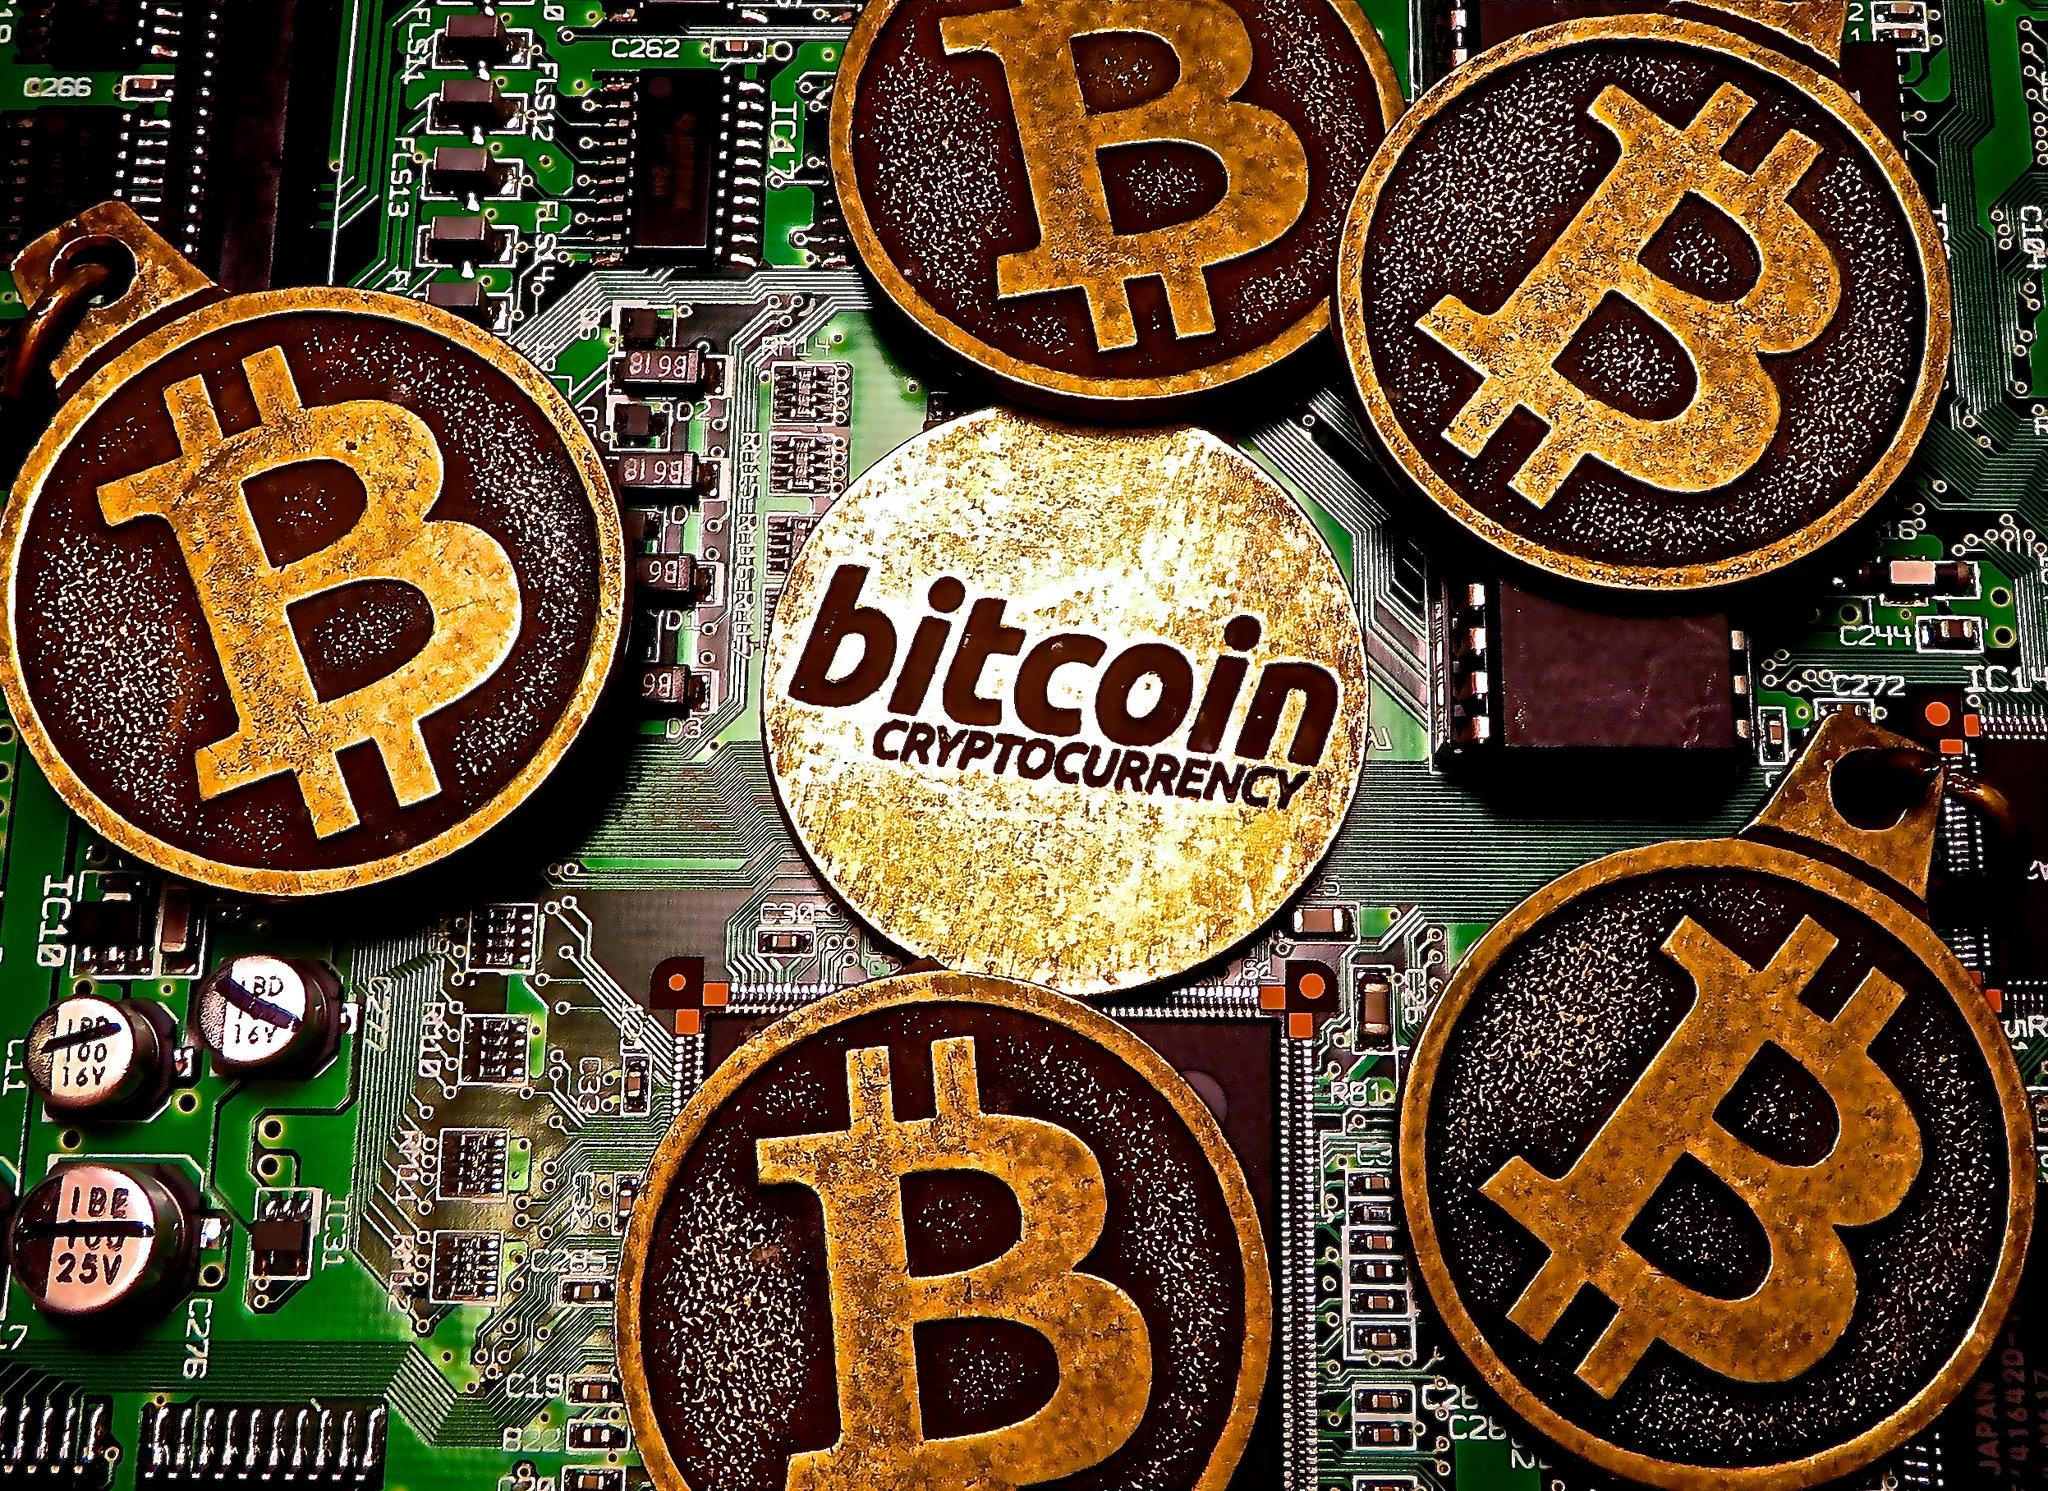 Hoe kan je bitcoin kopen en verkopen?